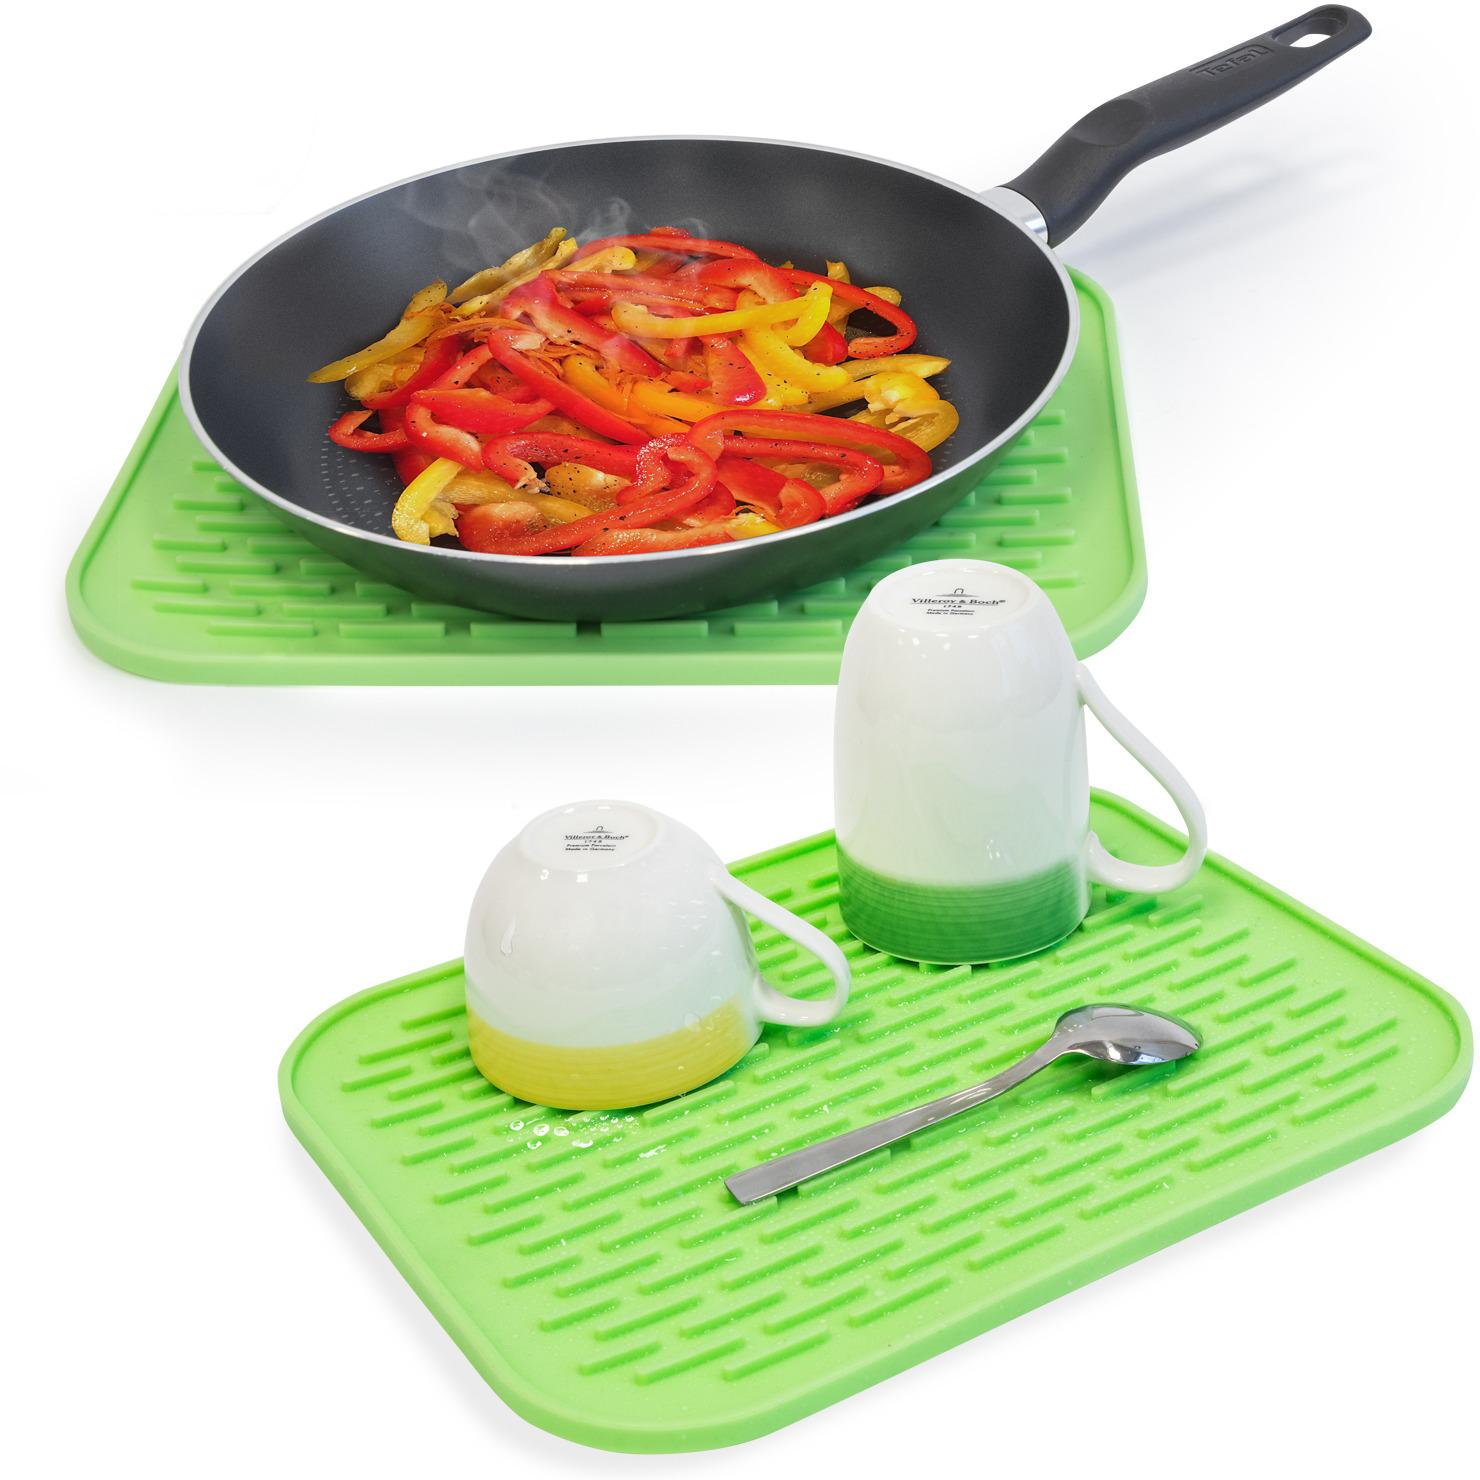 Tatkraft HOT Силиконовый коврик для сушки посуды, 2шт., L30xH1xD24 сm, Гибкий. Ребра помогают быстро сохнуть посуде. Можно использовать как подставку для посуды. Высокая термостойкость - до 260° C. Материал: силикон